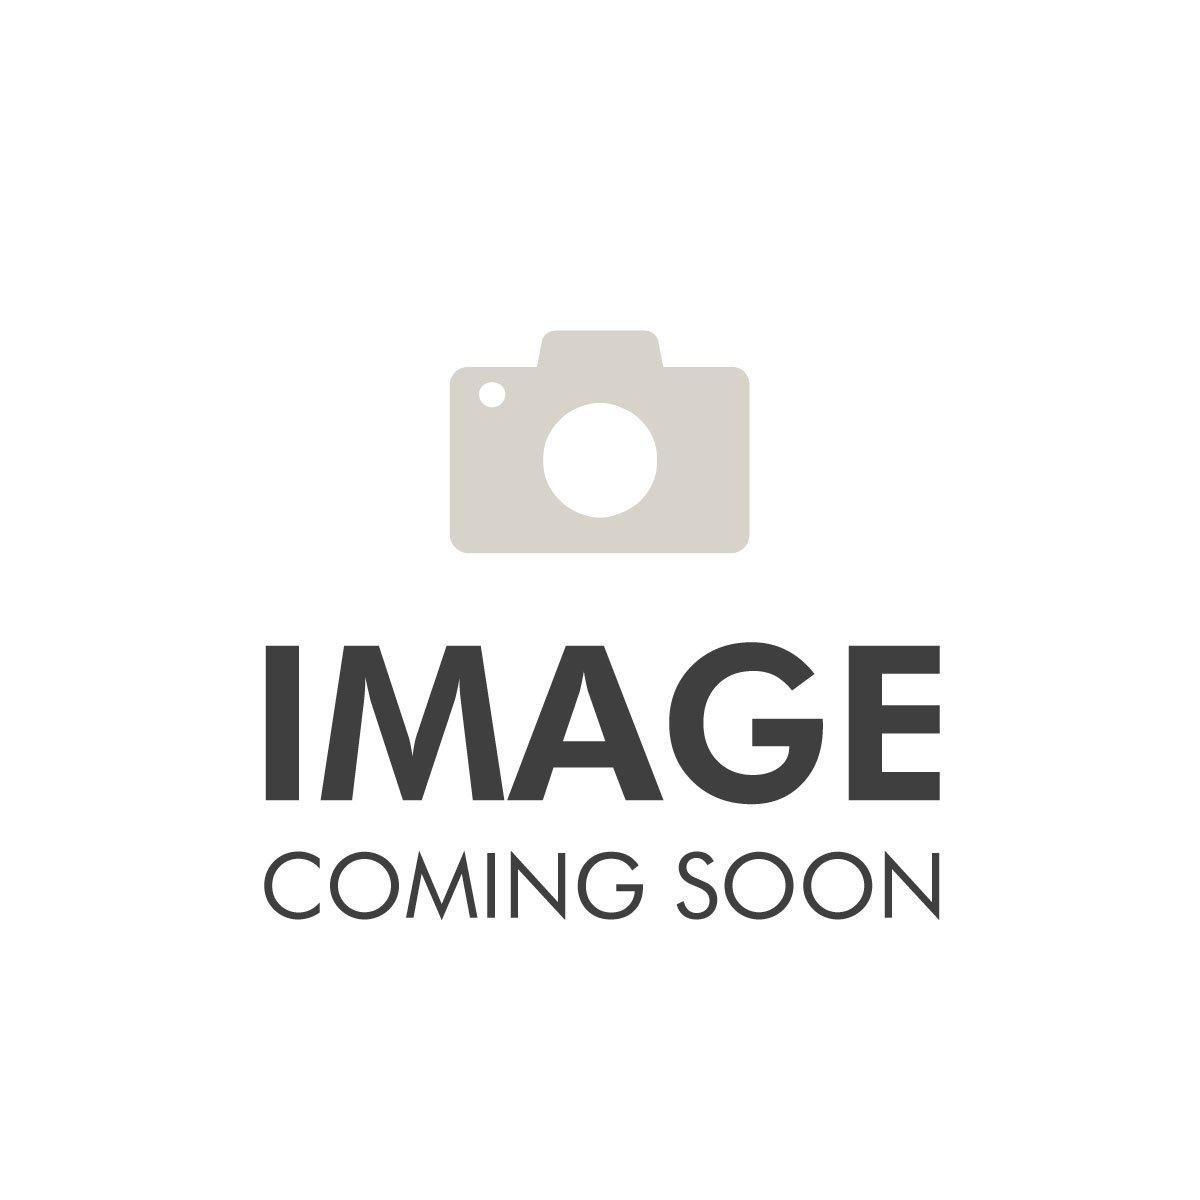 Mercedes Benz Rose EDT Spray 30ml